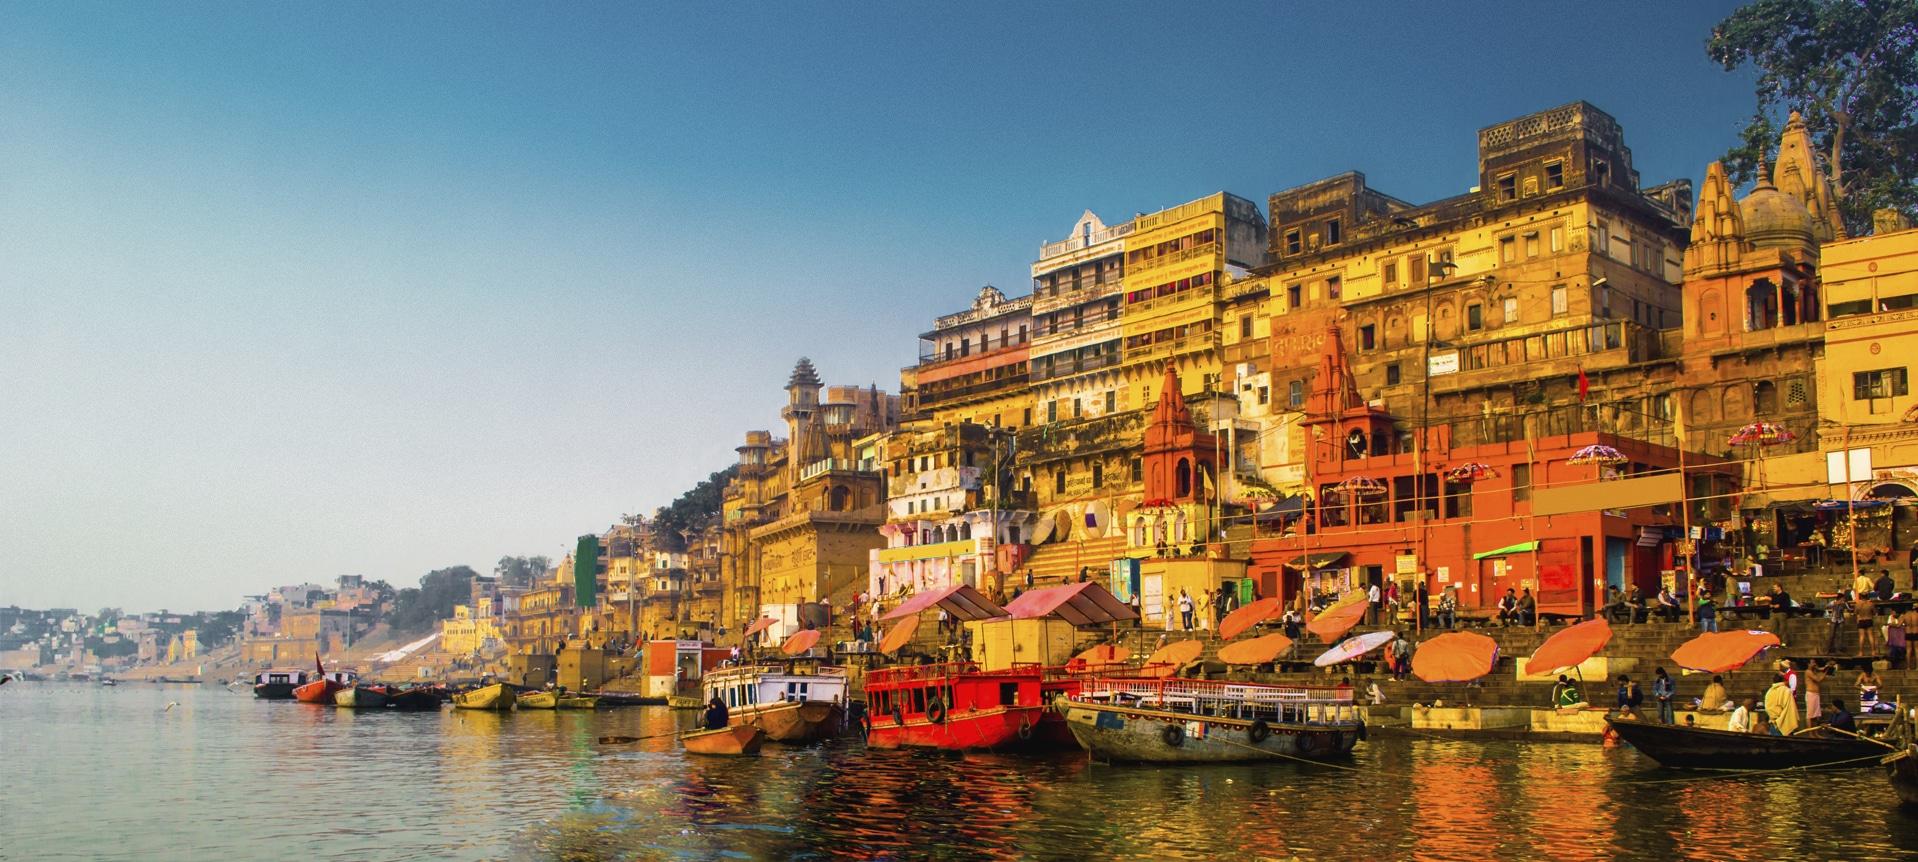 Varanasi Smart City